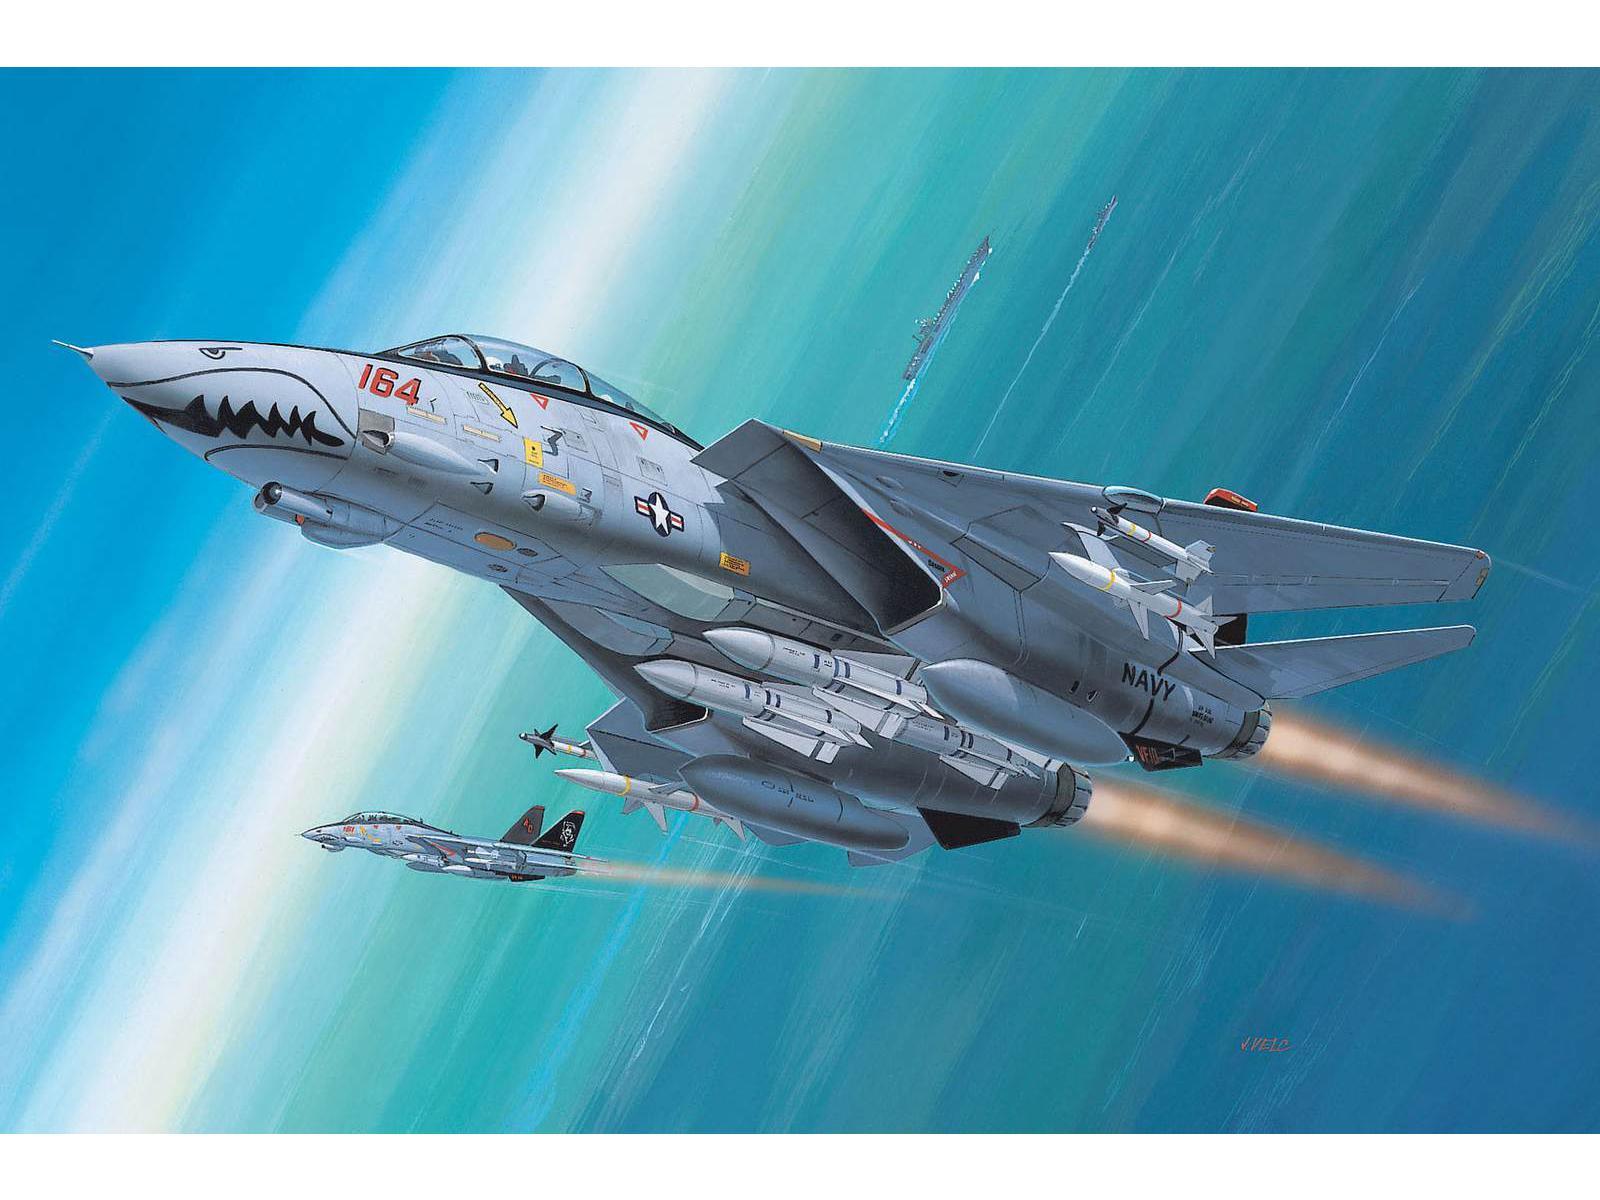 Kit Avions-F-14D Super Tomcat de Revell